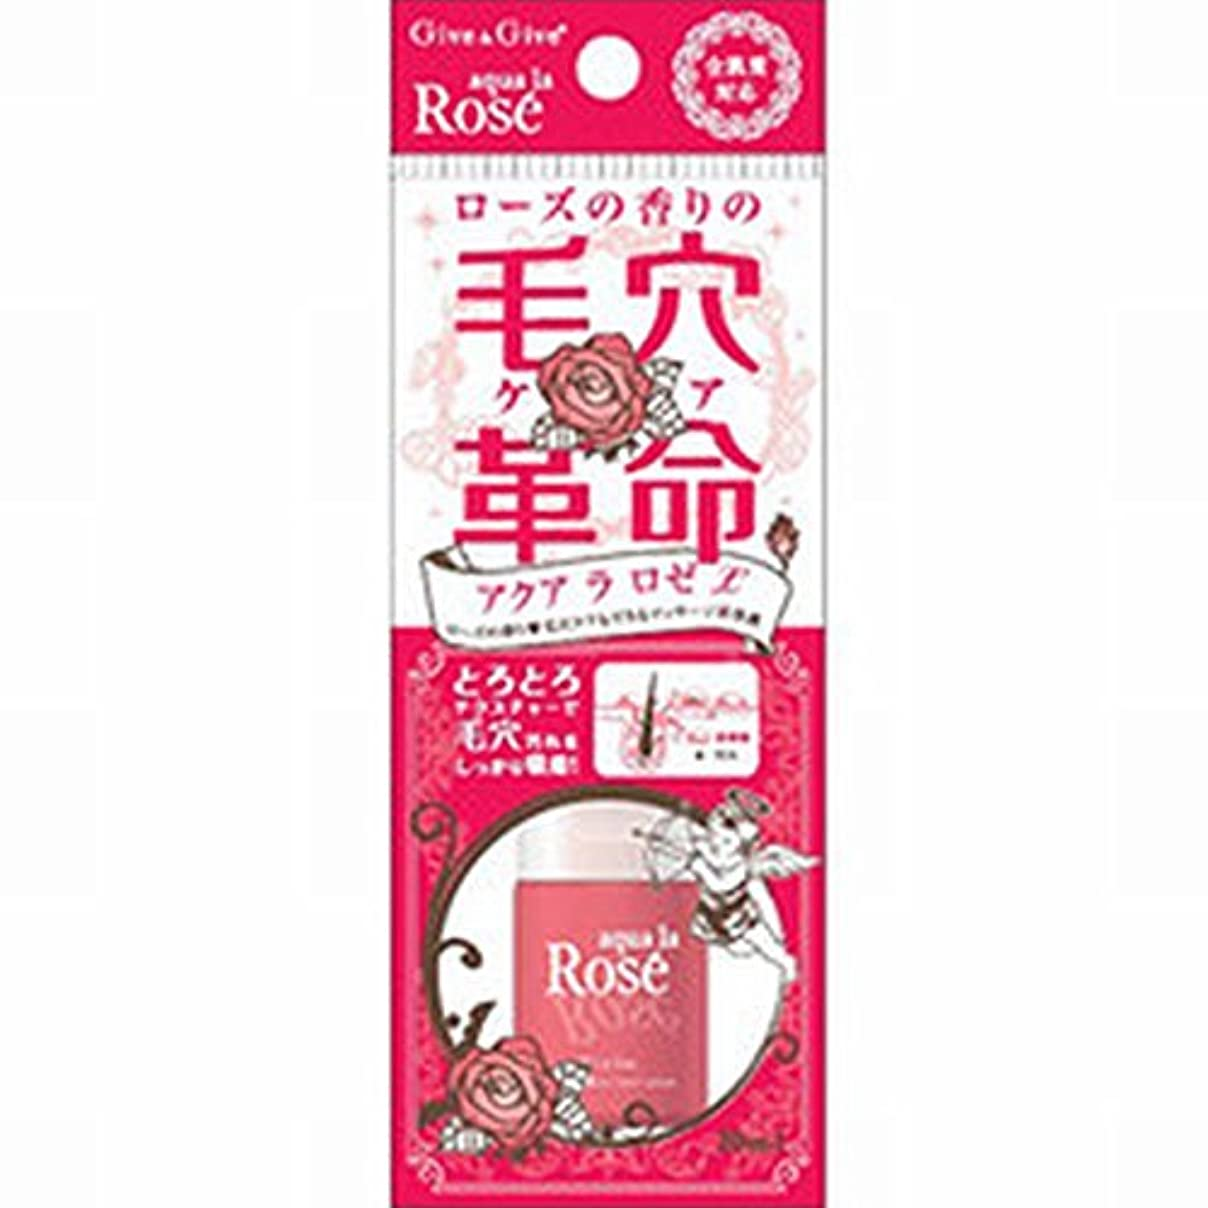 余分な性差別唯物論毛穴革命 アクア ラ ロゼ L (お試しサイズ) ローズの香り 10ml